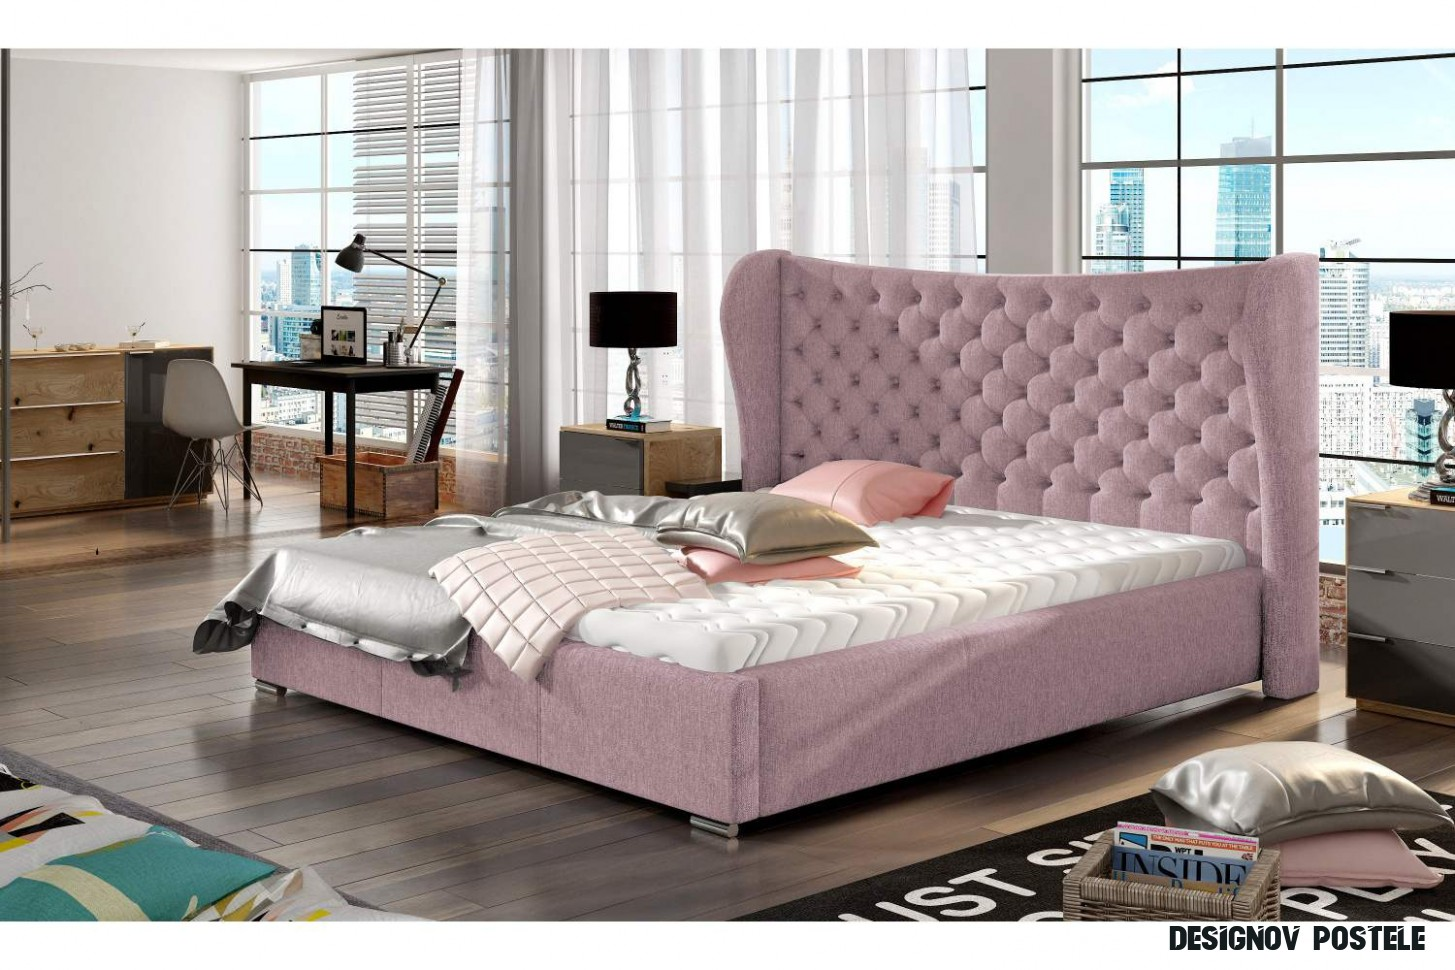 Designová postel Virginia 18 x 18 - 18 barevných provedení